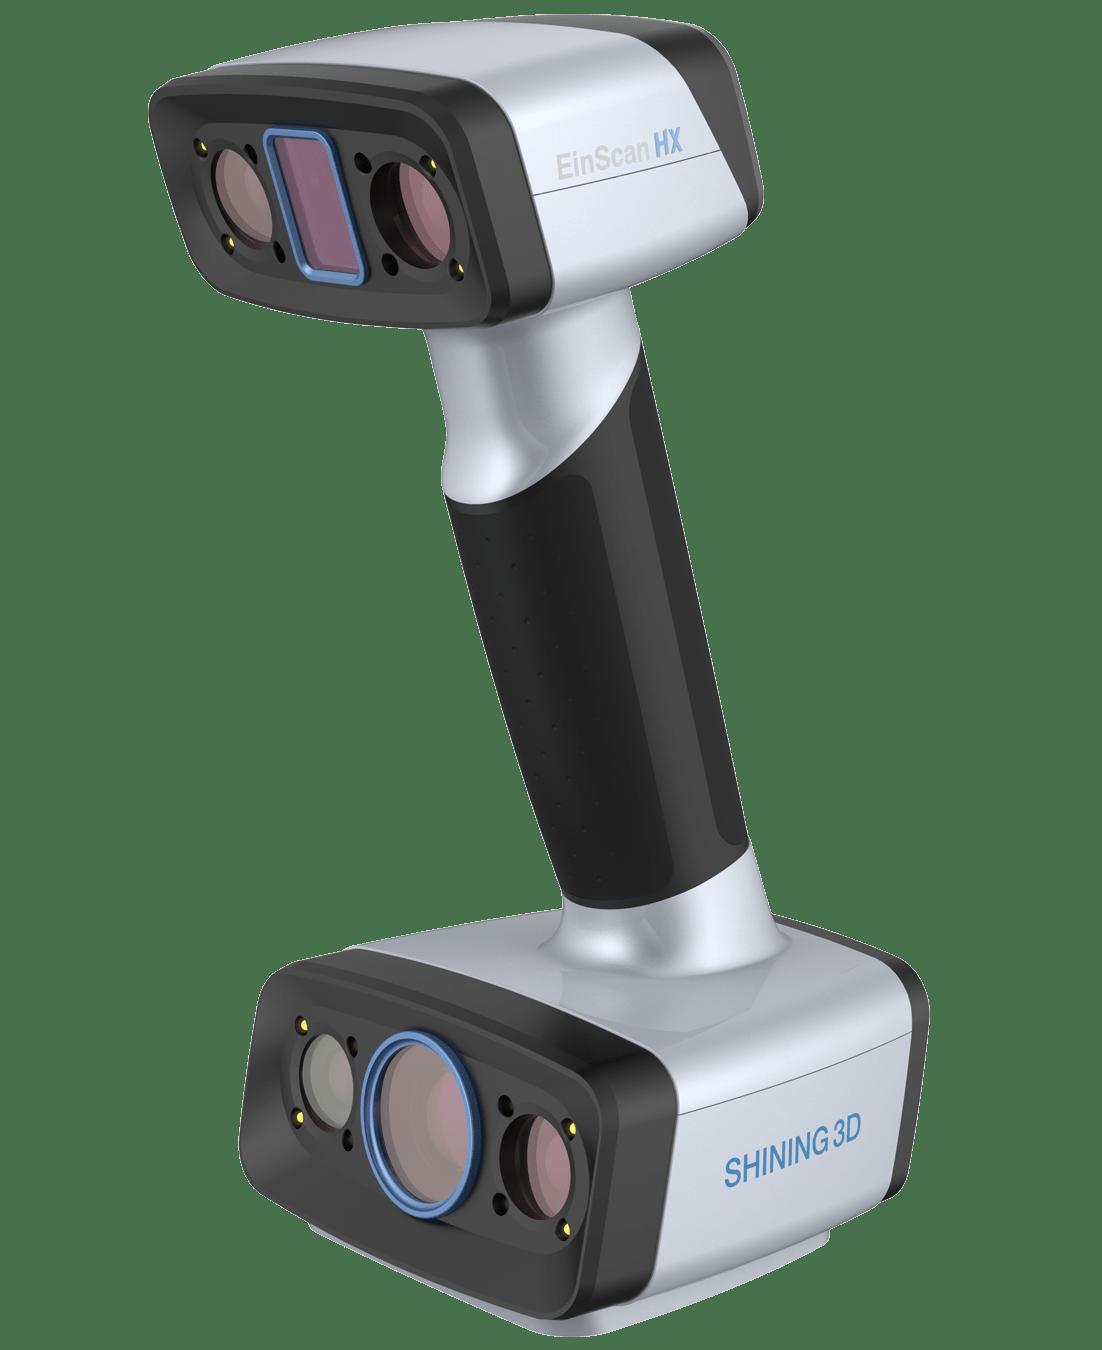 applicazione-scansione-3d-einscan-hx-vger